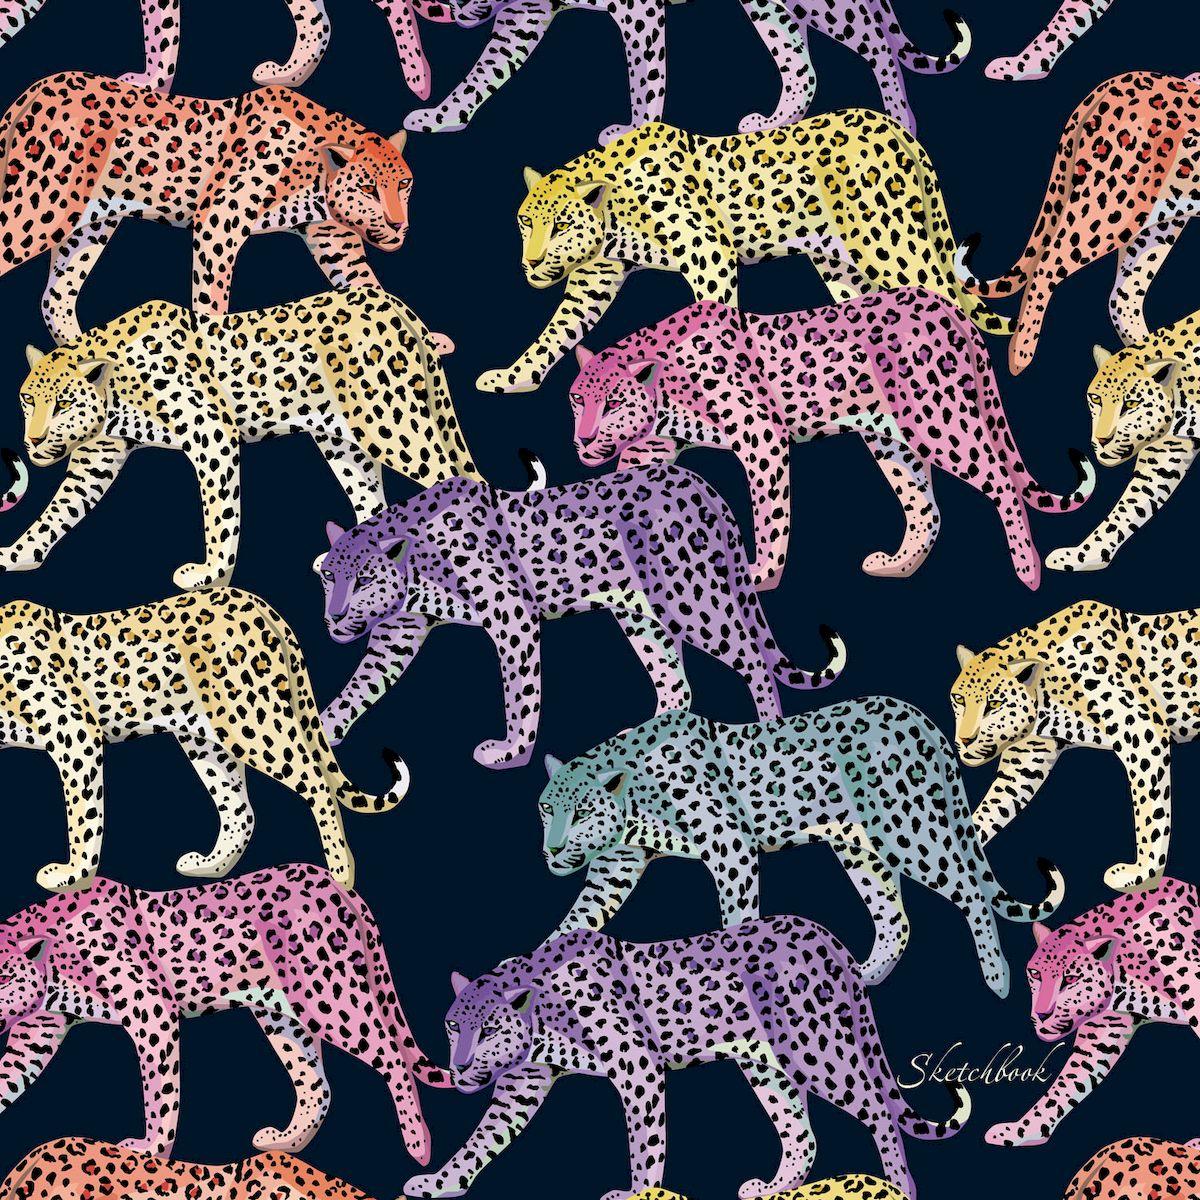 Listoff Скетчбук Акварельные леопарды 80 листовТС5804486Скетчинг – современное увлечение, способ самовыражения, отражение впечатлений в путешествии или просто возможность занять время в ожидании. В скетчпадах Канц-Эксмо внутренний блок состоит из бумаги плотностью 100г/м2, которая идеально подходит для ежедневных зарисовок самыми разными письменными и художественными принадлежностями. Новый формат скетчбуков А5 с евроспиралью сверху станет легким и удобным спутником как для взрослых, так и для маленьких обладателей творческих талантов.